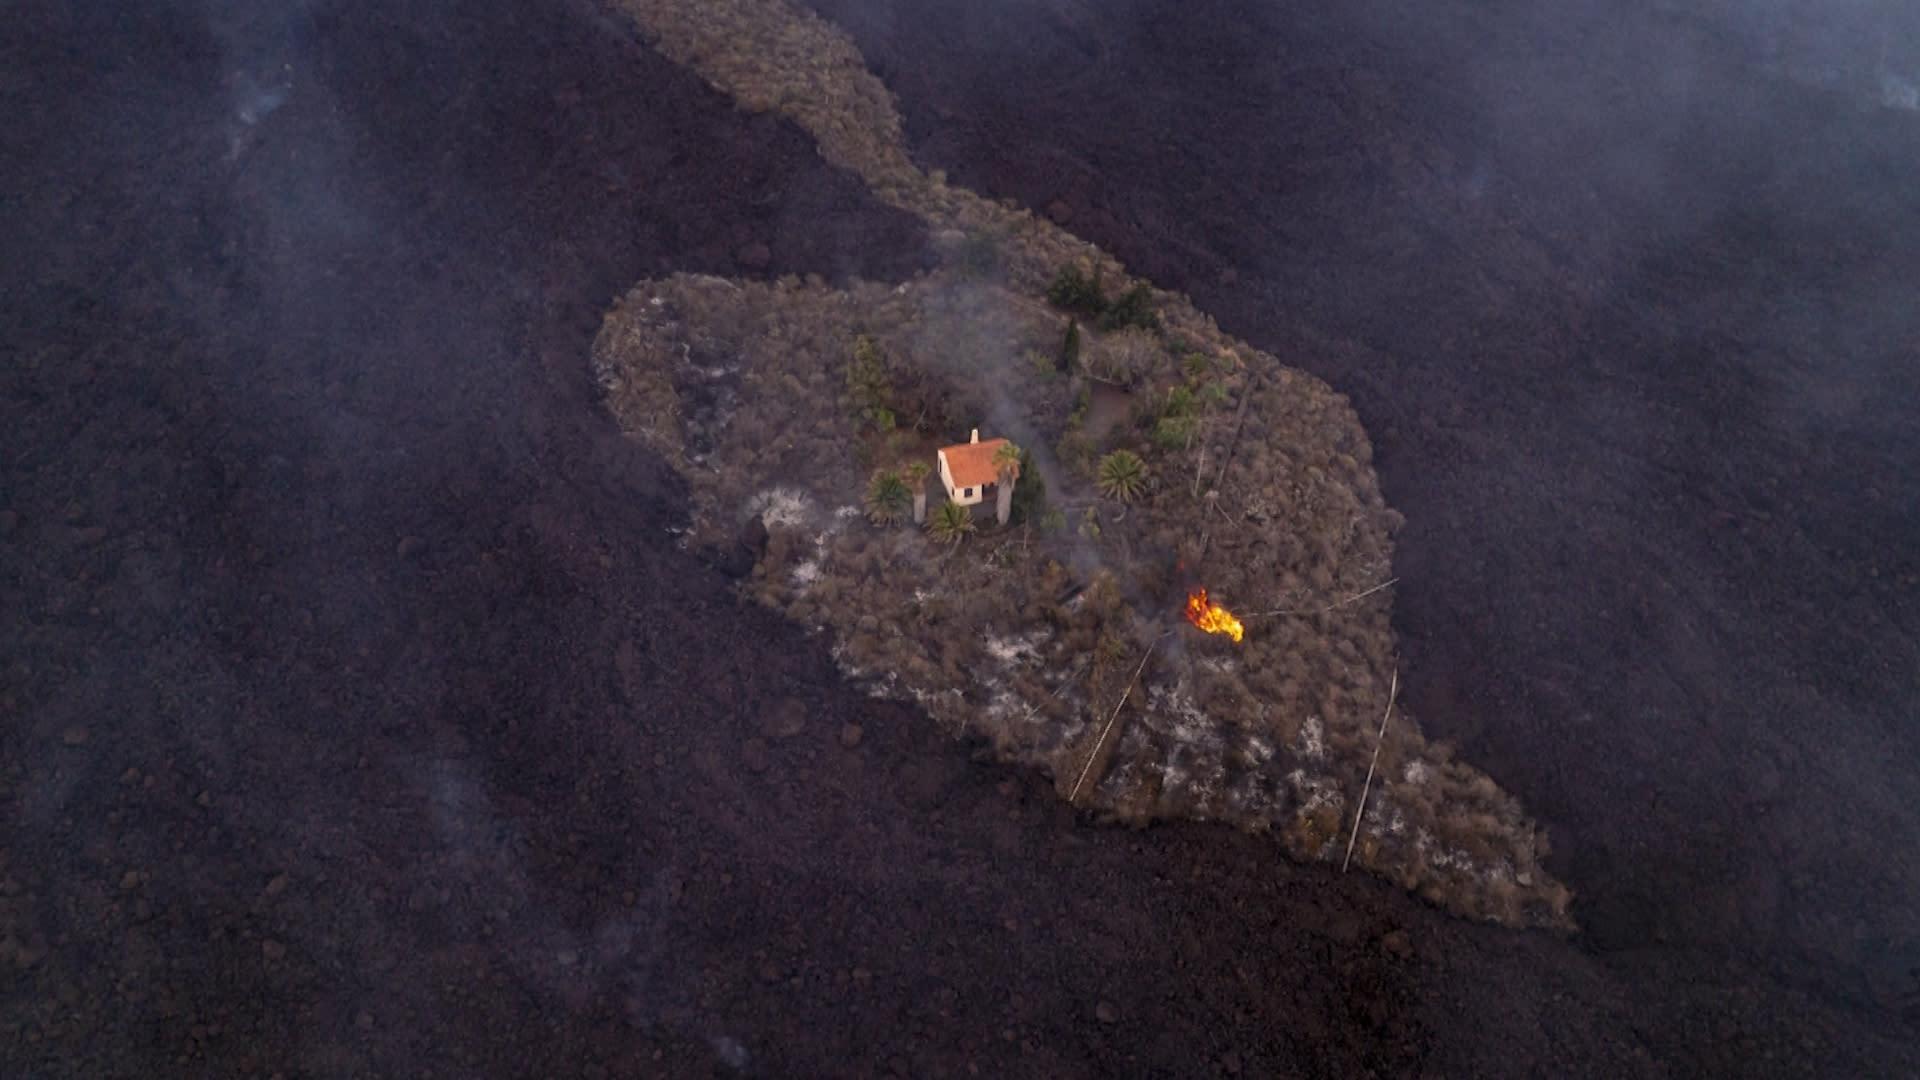 """احترق ما حوله.. شاهد """"المنزل المعجزة"""" الذي تجاوزته حمم بركانية دون الإضرار به"""